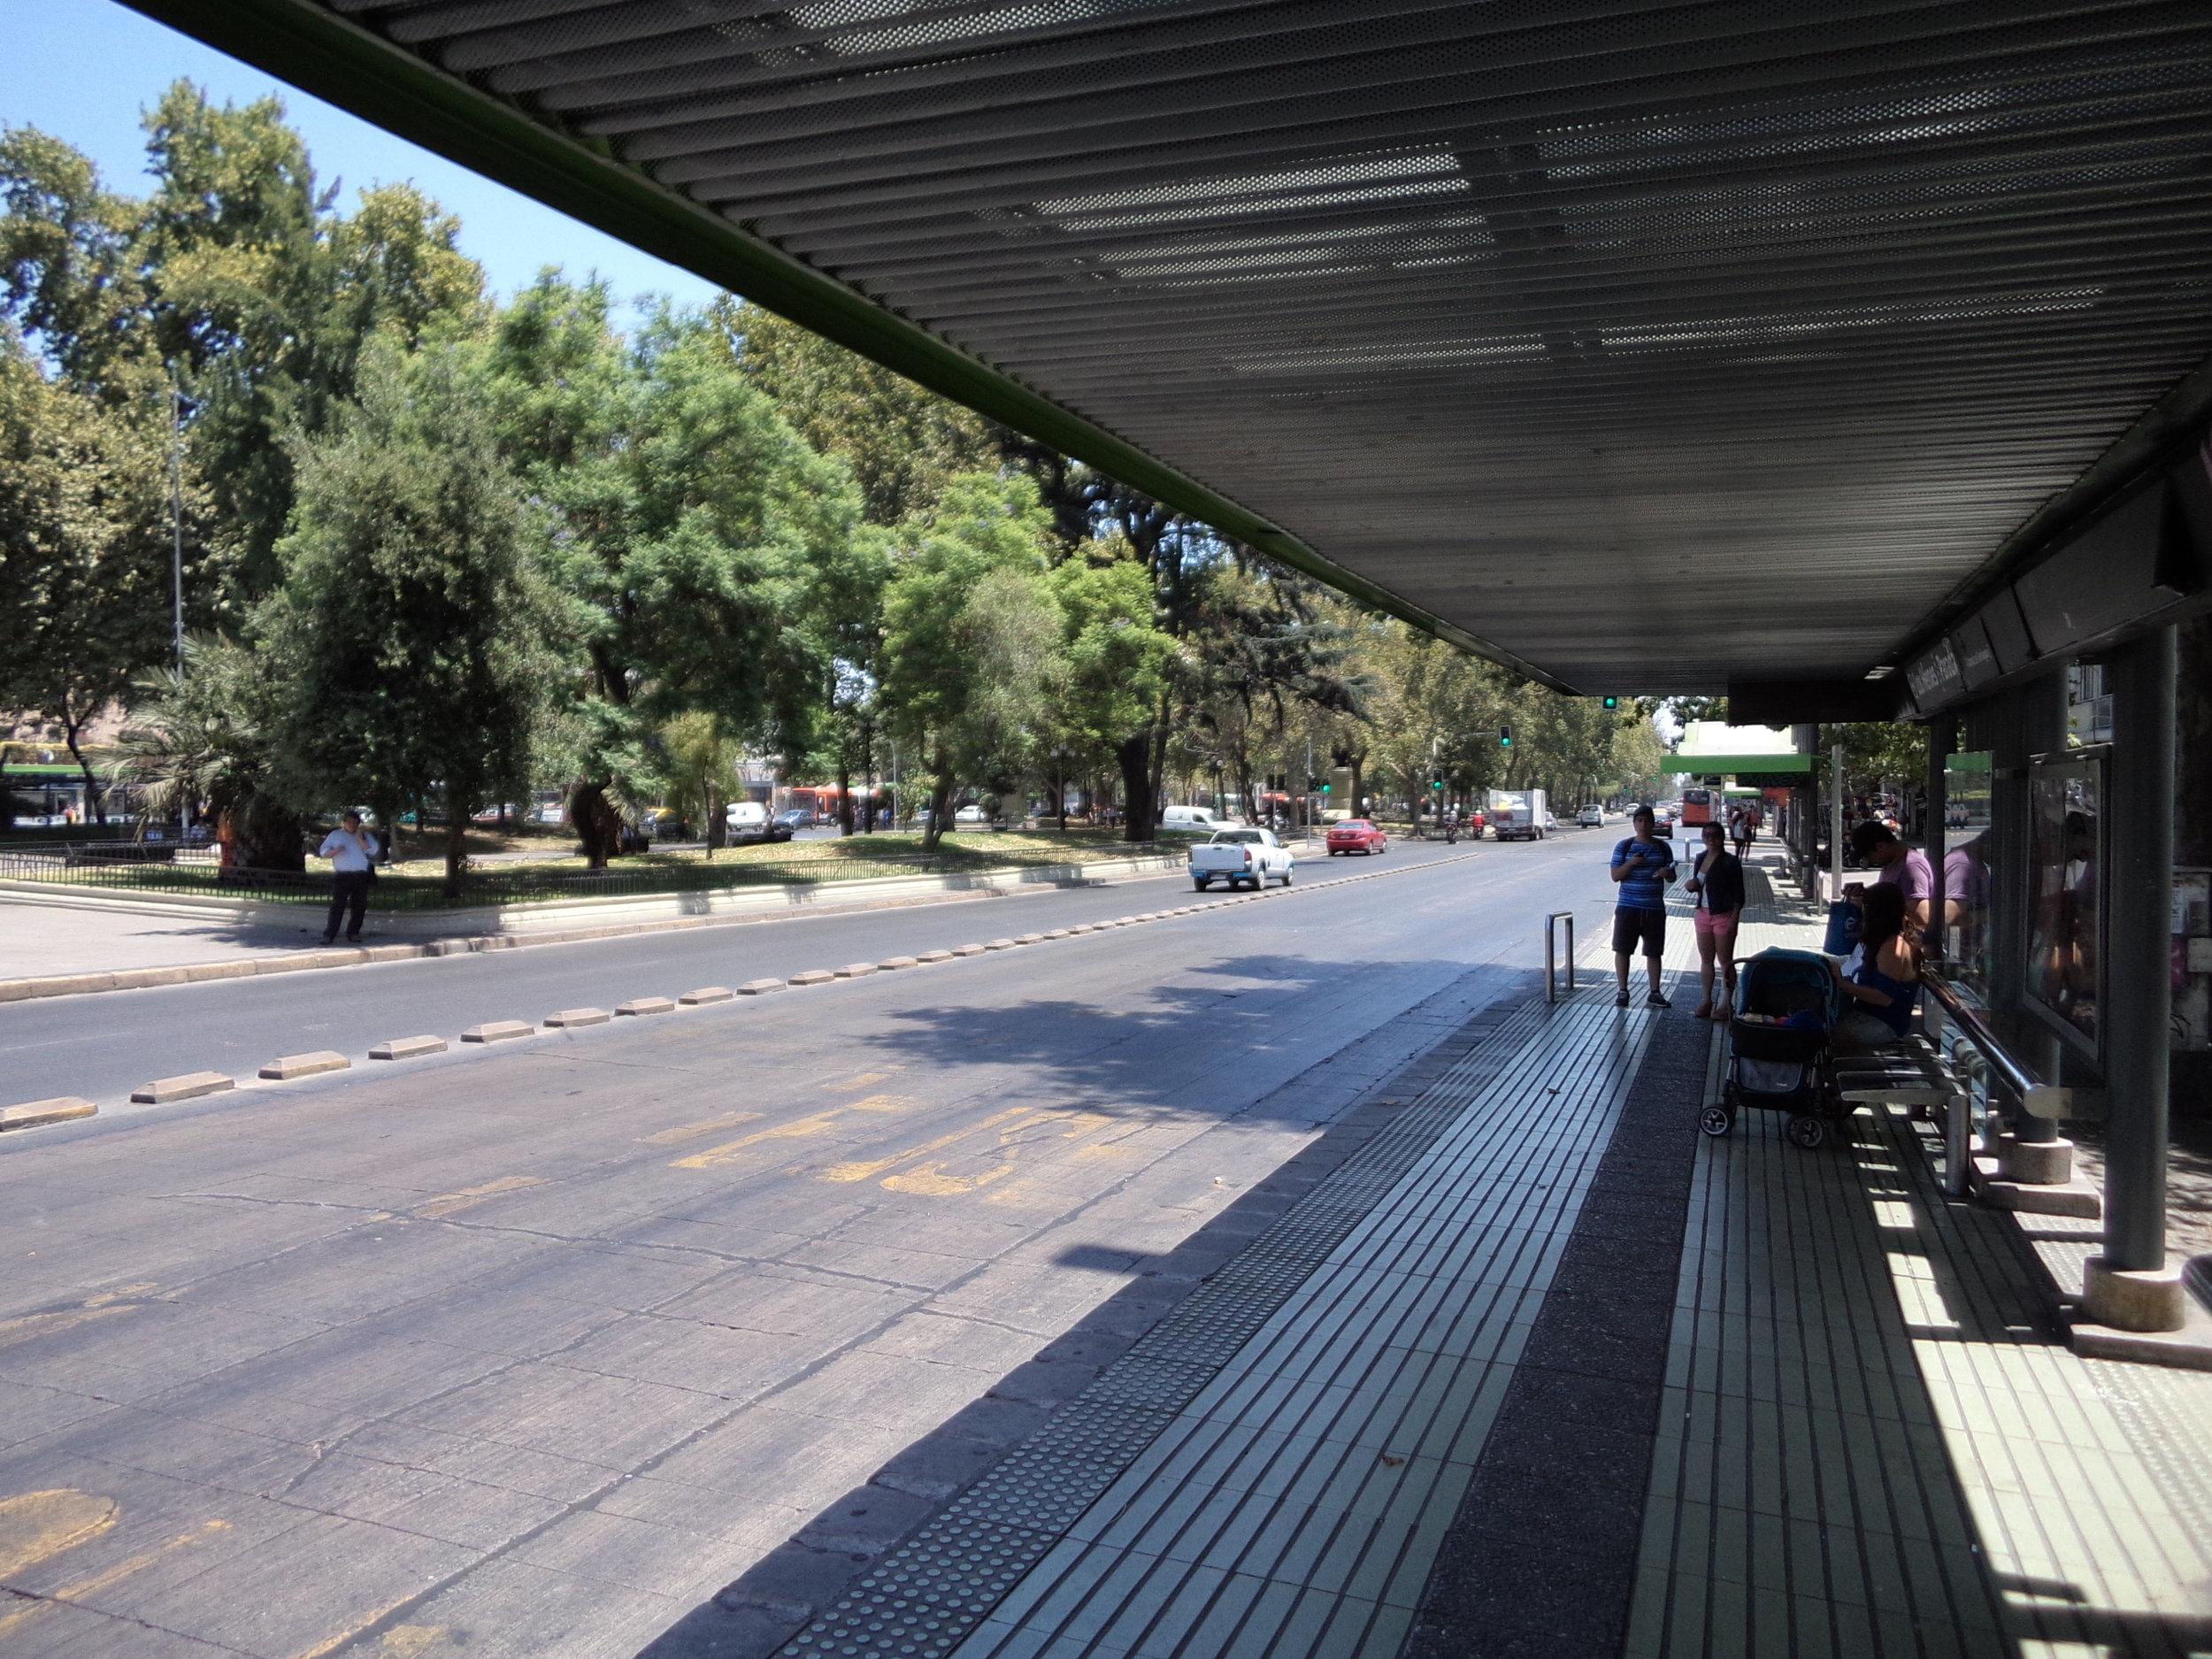 BRT systém v chilském Santiagu, který se tím bogotským inspiroval, sice působí jako chudý příbuzný a také nevydělává, nicméně nekolabuje. (foto: autor)